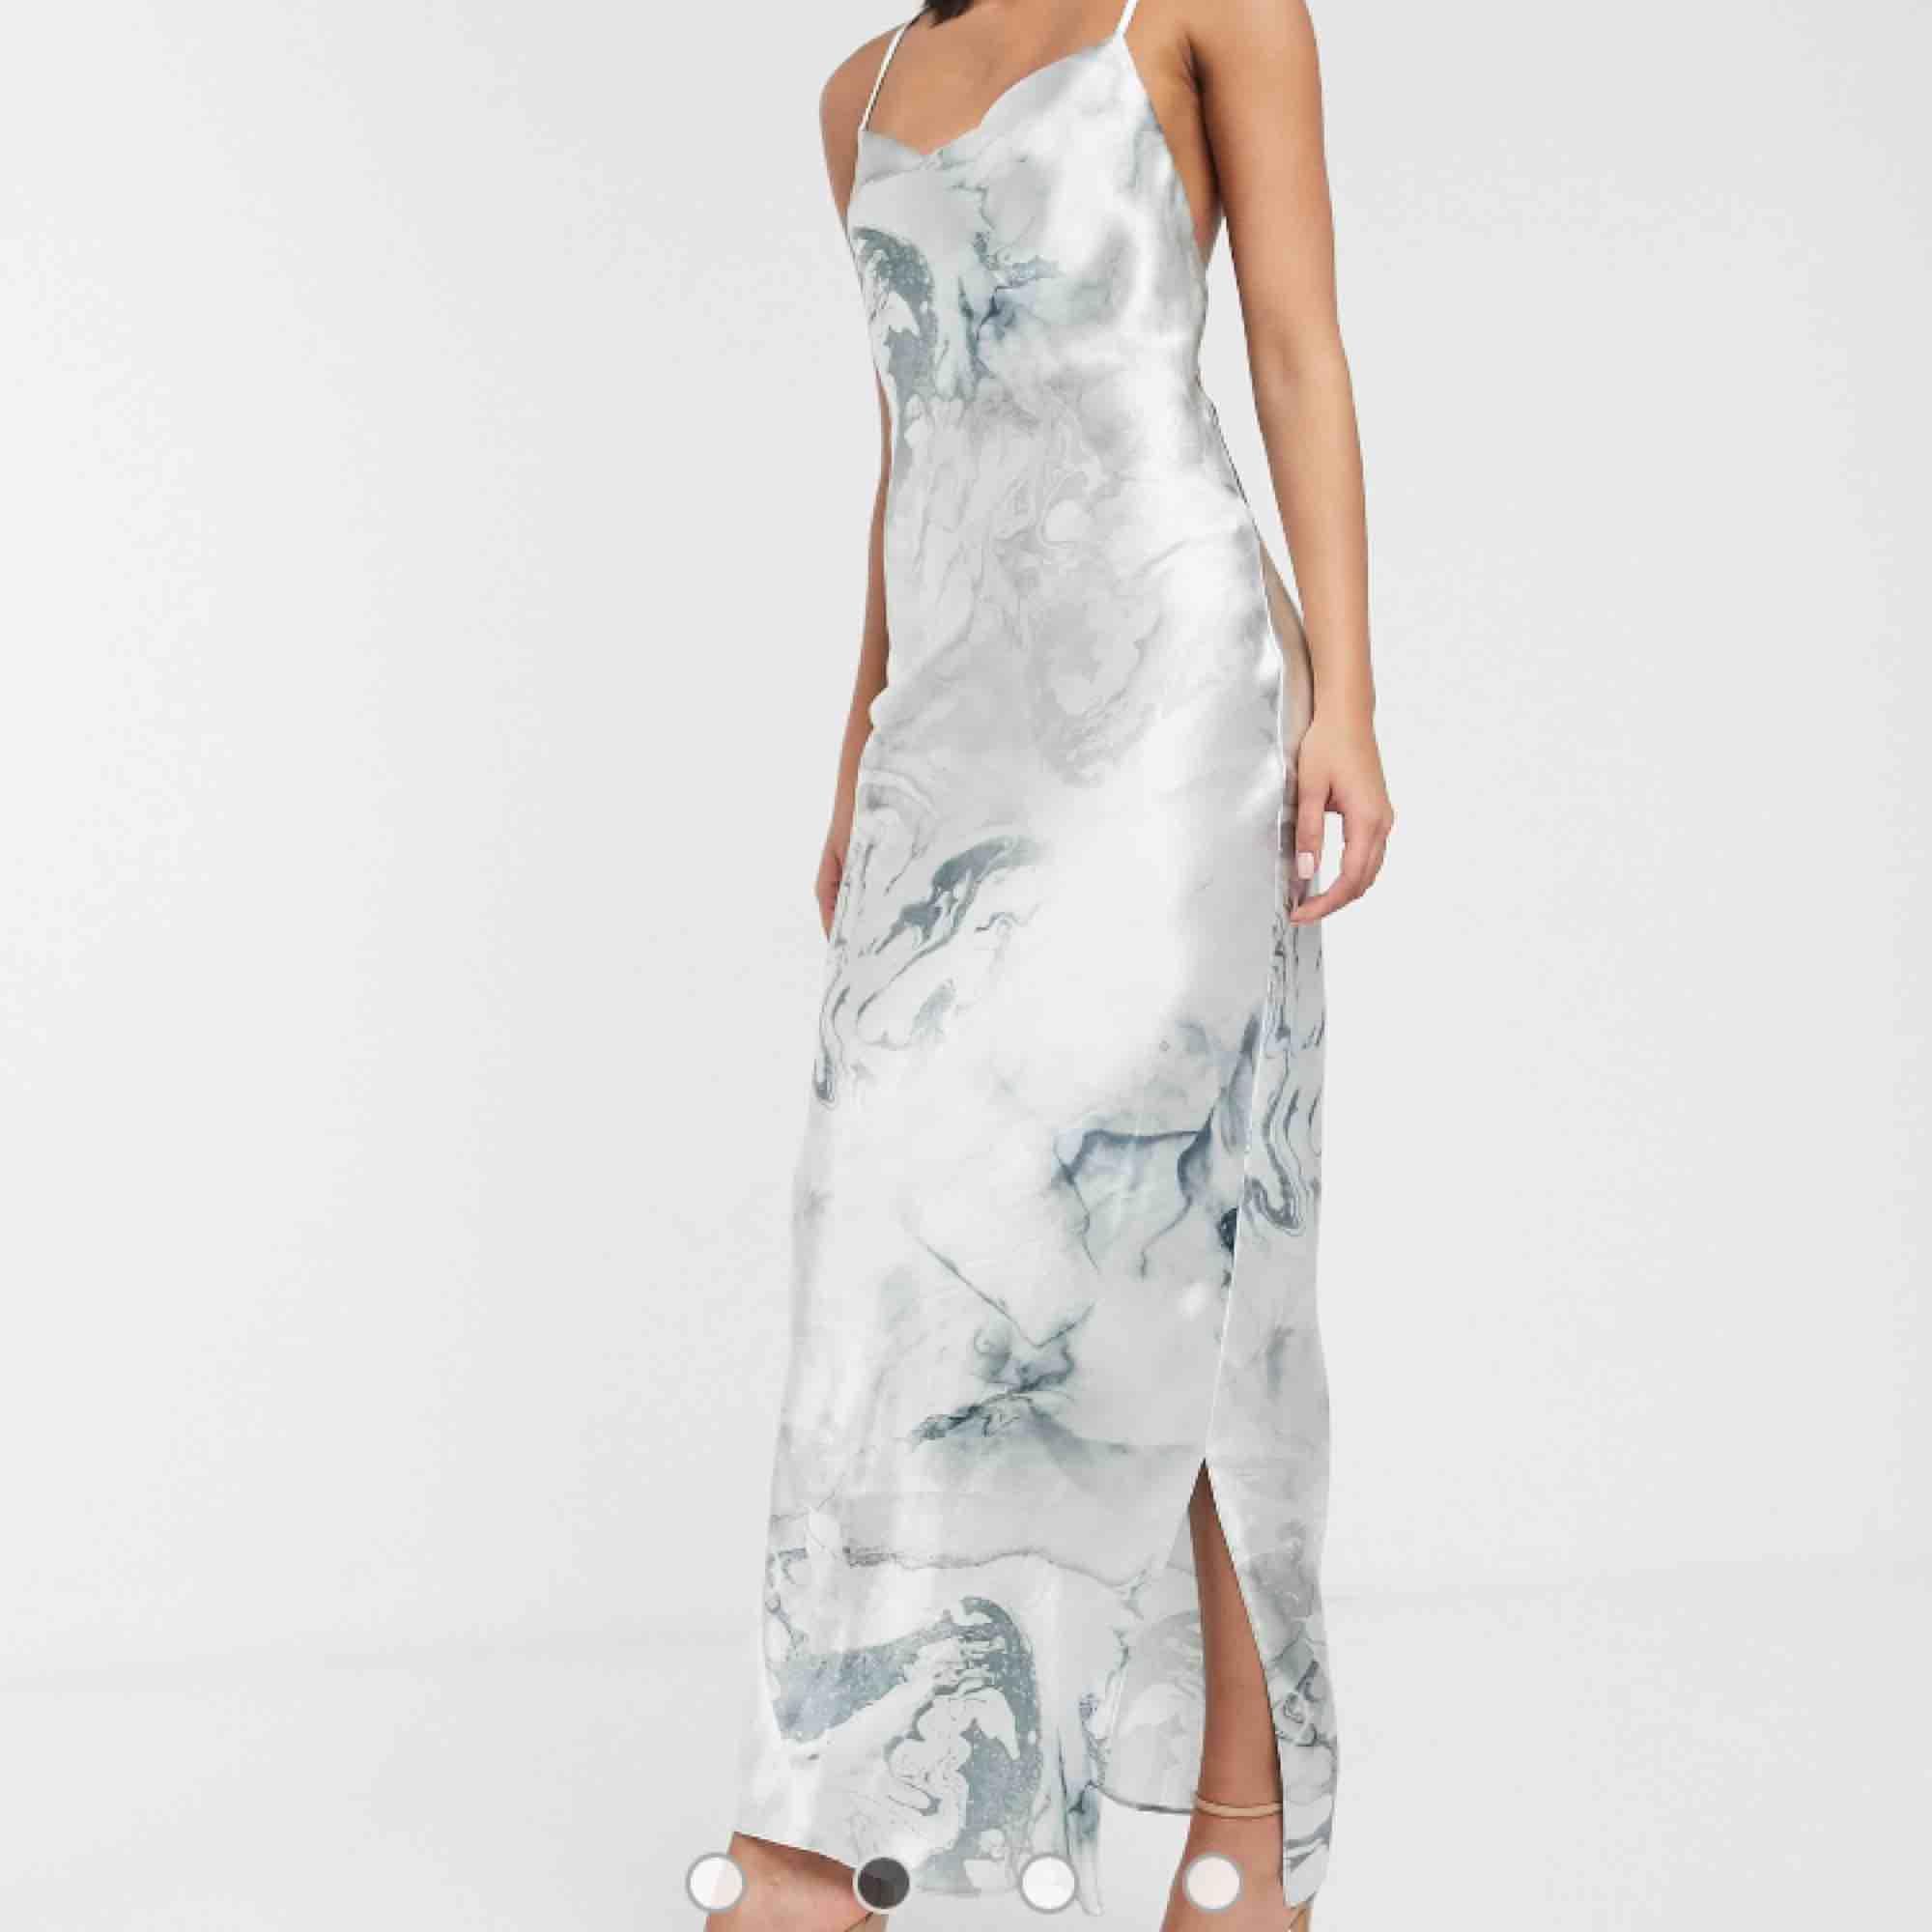 ASOS DESIGN - Högglansig slip-klänning i satin och maximodell med smala axelband och snörning i ryggen  Helt ny och oanvänd klänning. Passade inte mig och hann inte tillbaka i tid så säljer vidare:). Klänningar.